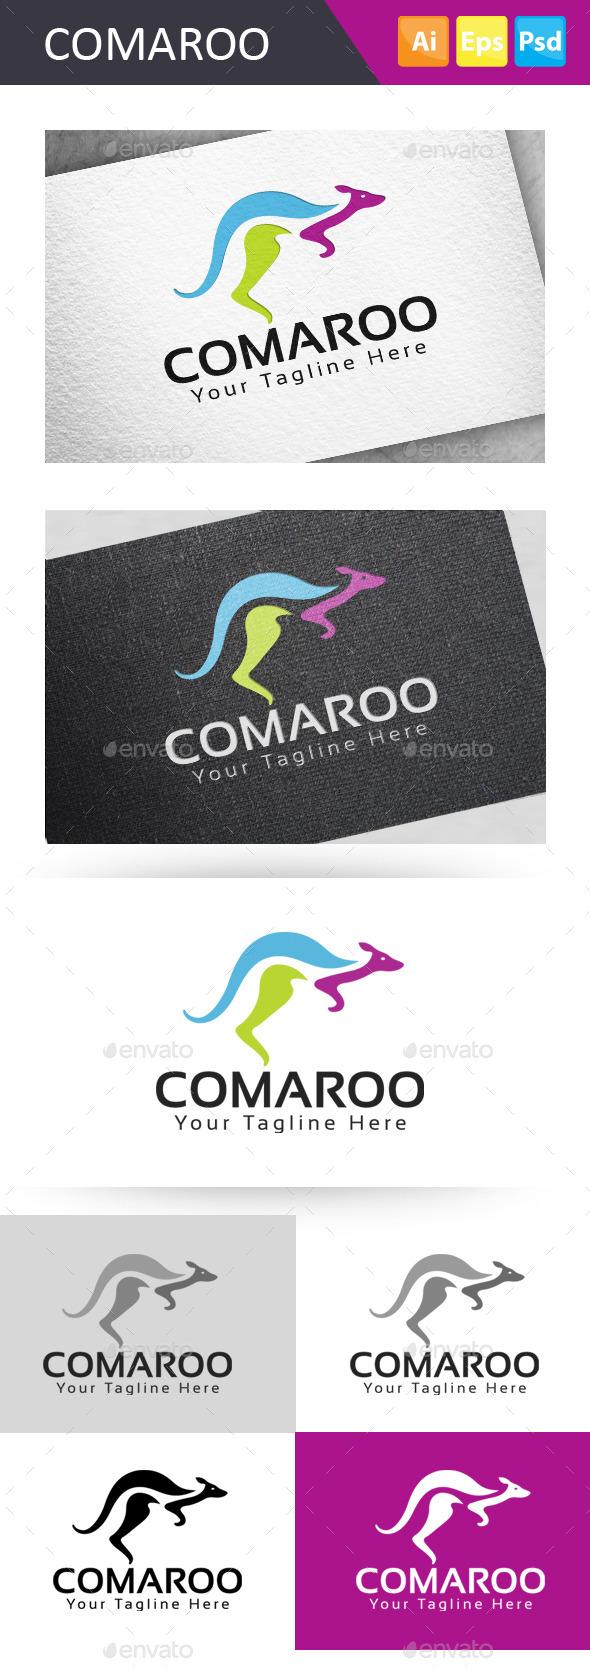 GraphicRiver Comaroo 10904328